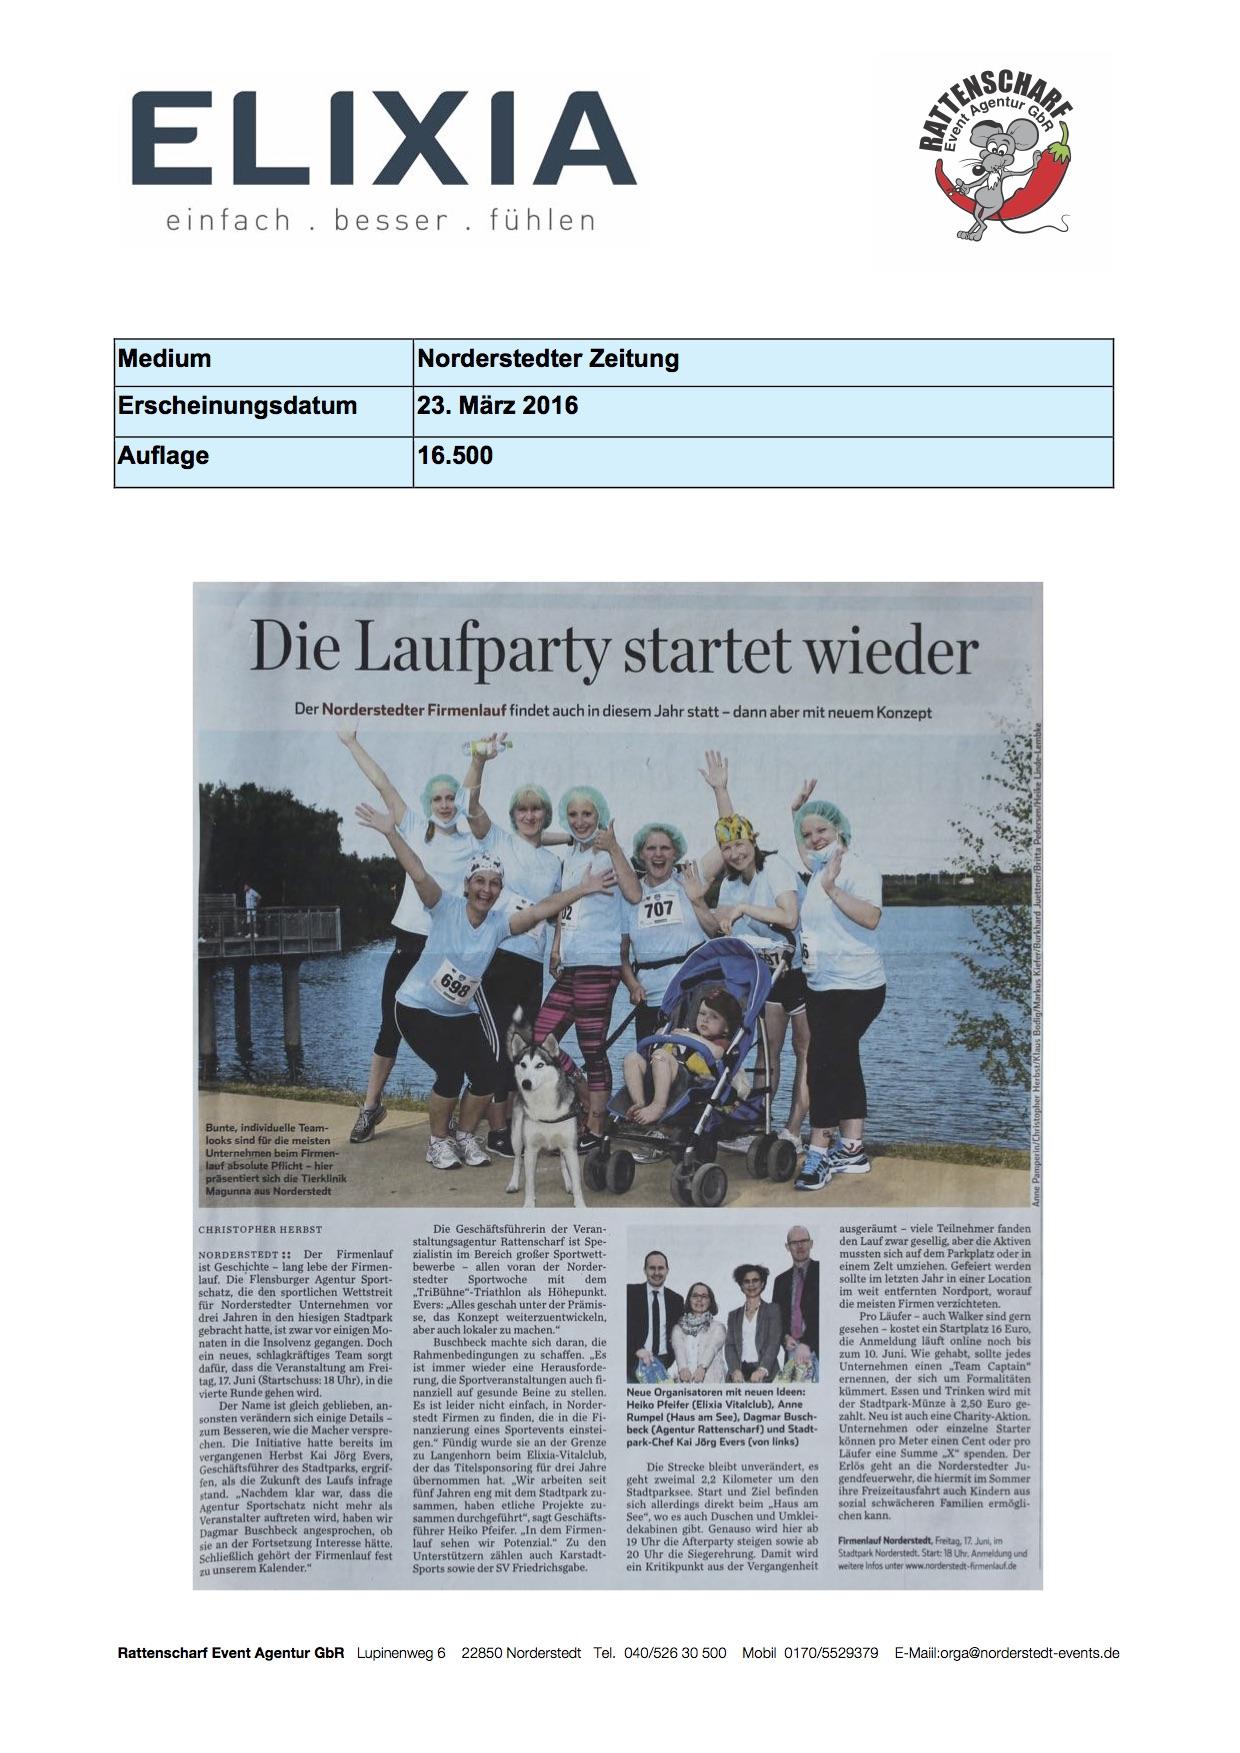 Norderstedter Zeitung 23. März 2016